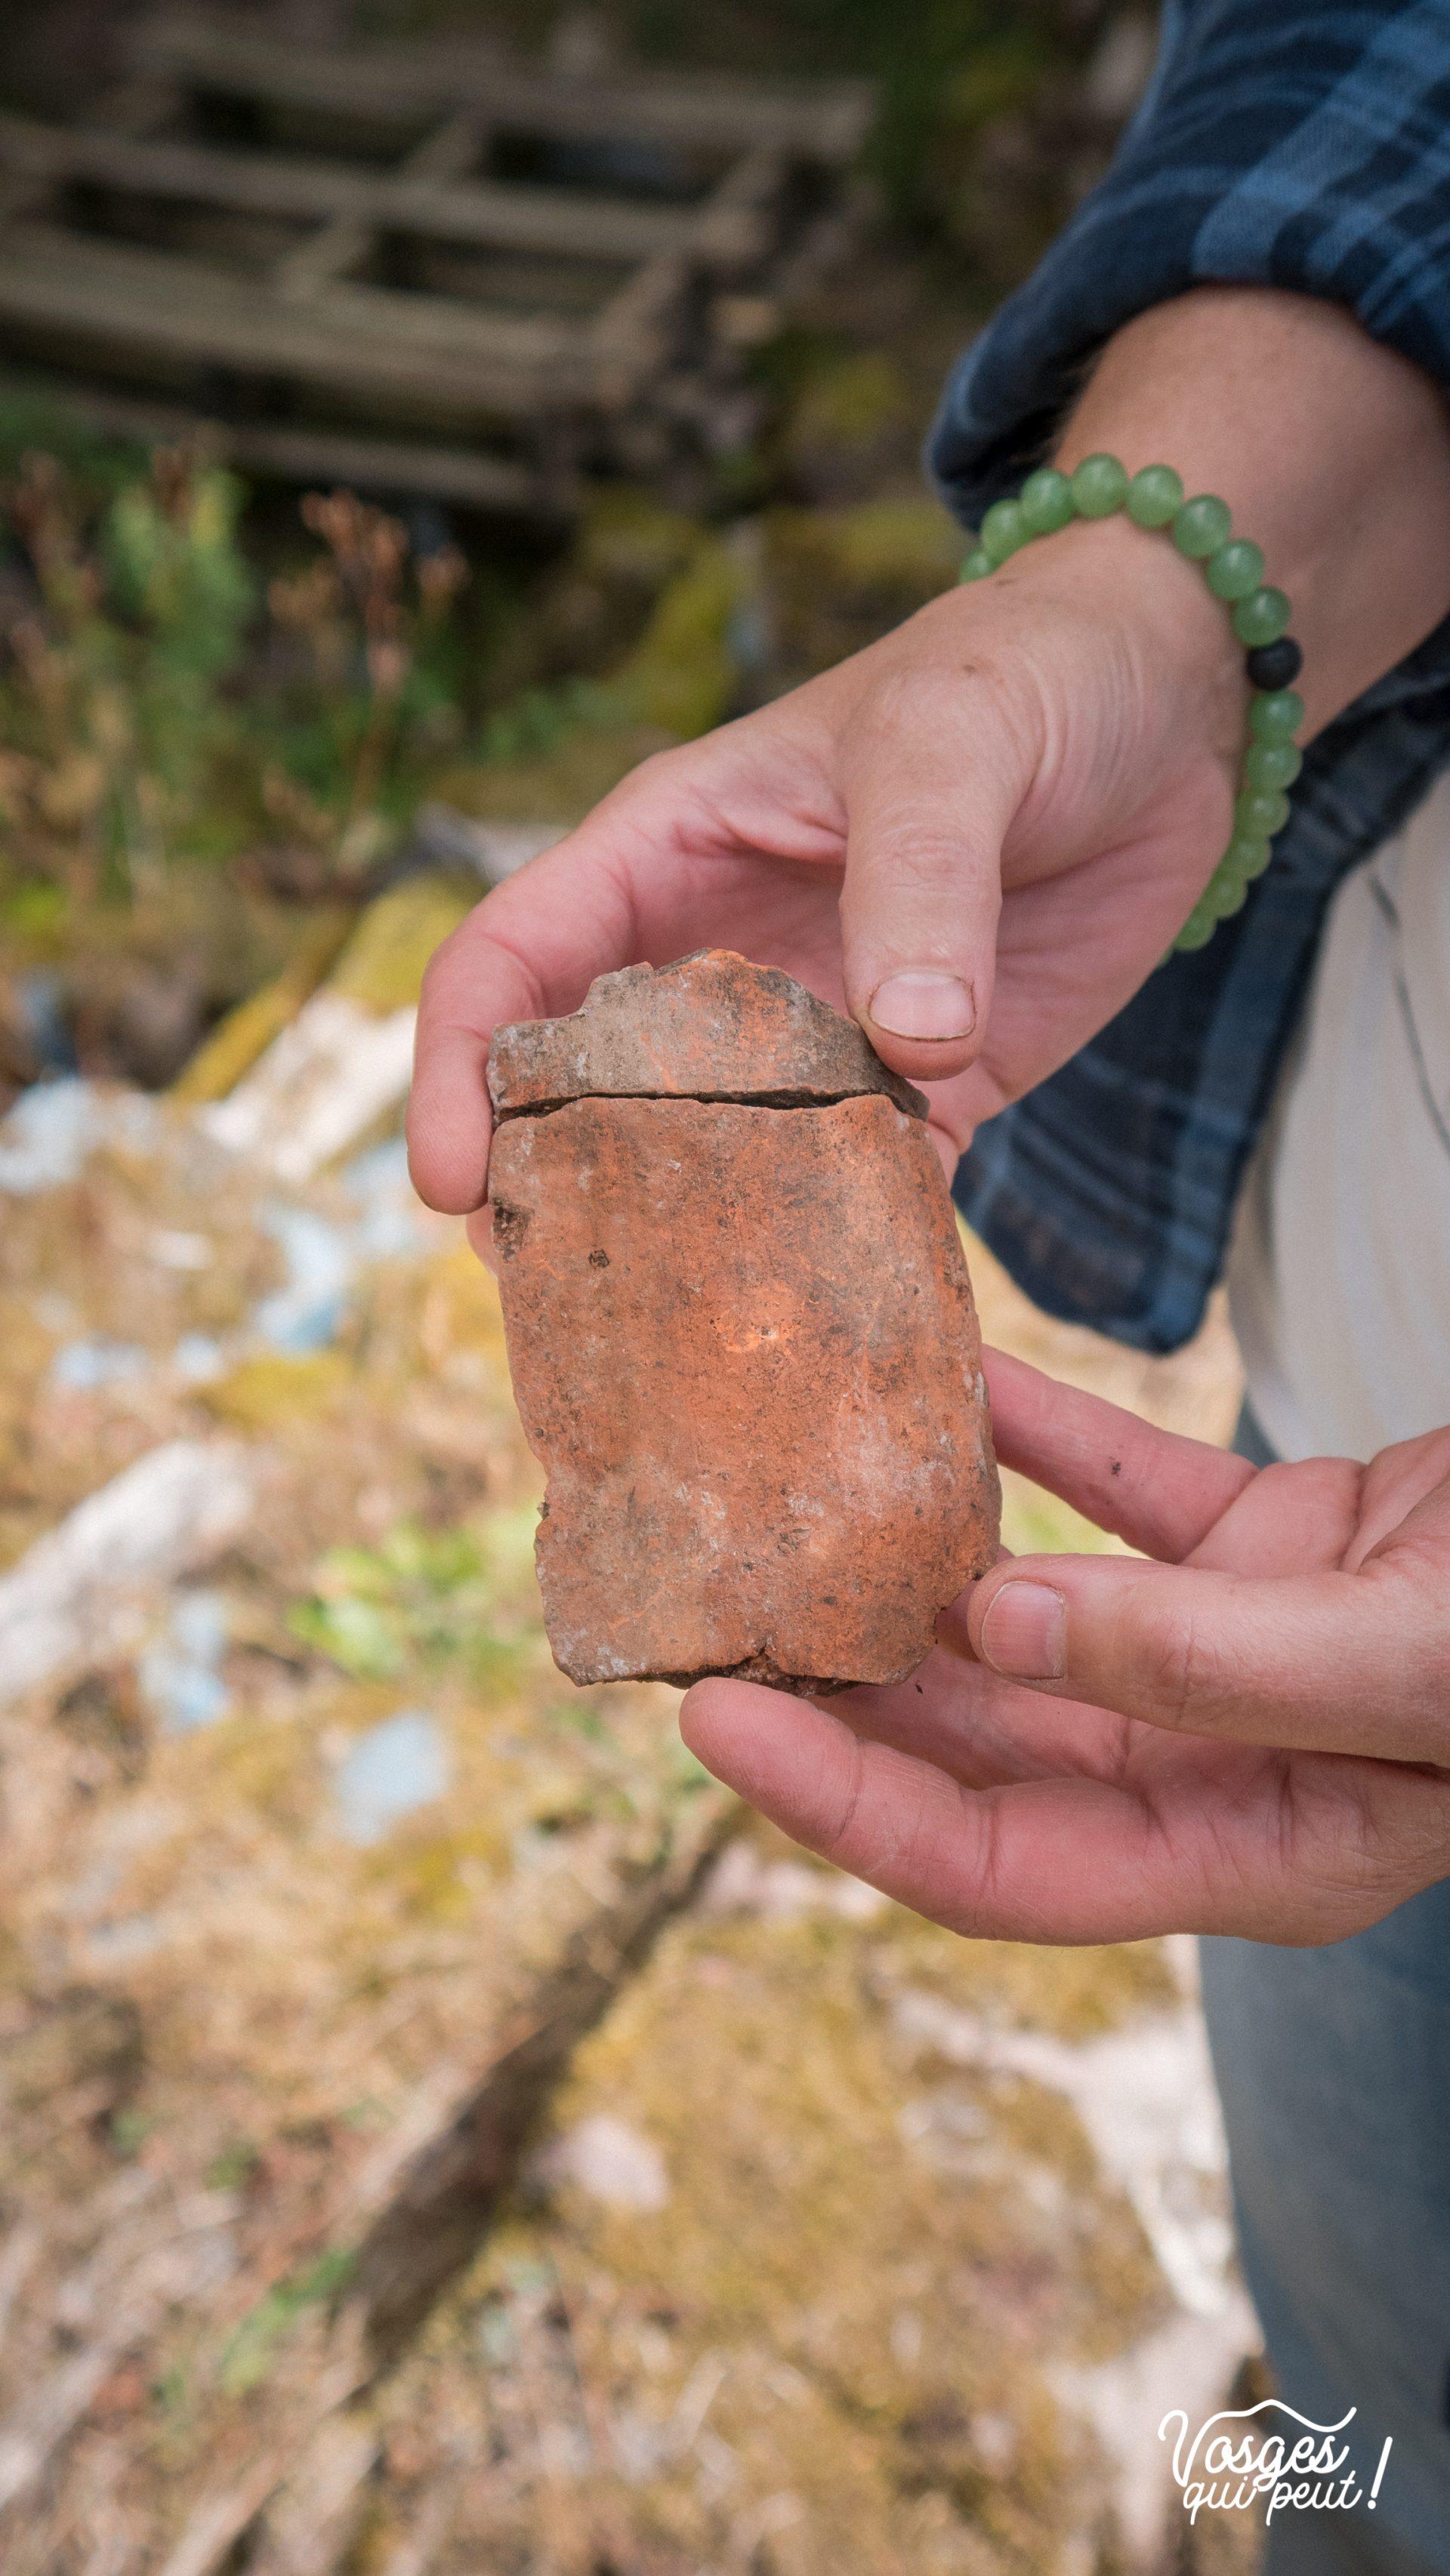 Une bénévole de l'association Les Veilleurs de Salm présente les reste d'une poterie en terre cuite trouvée sur le site